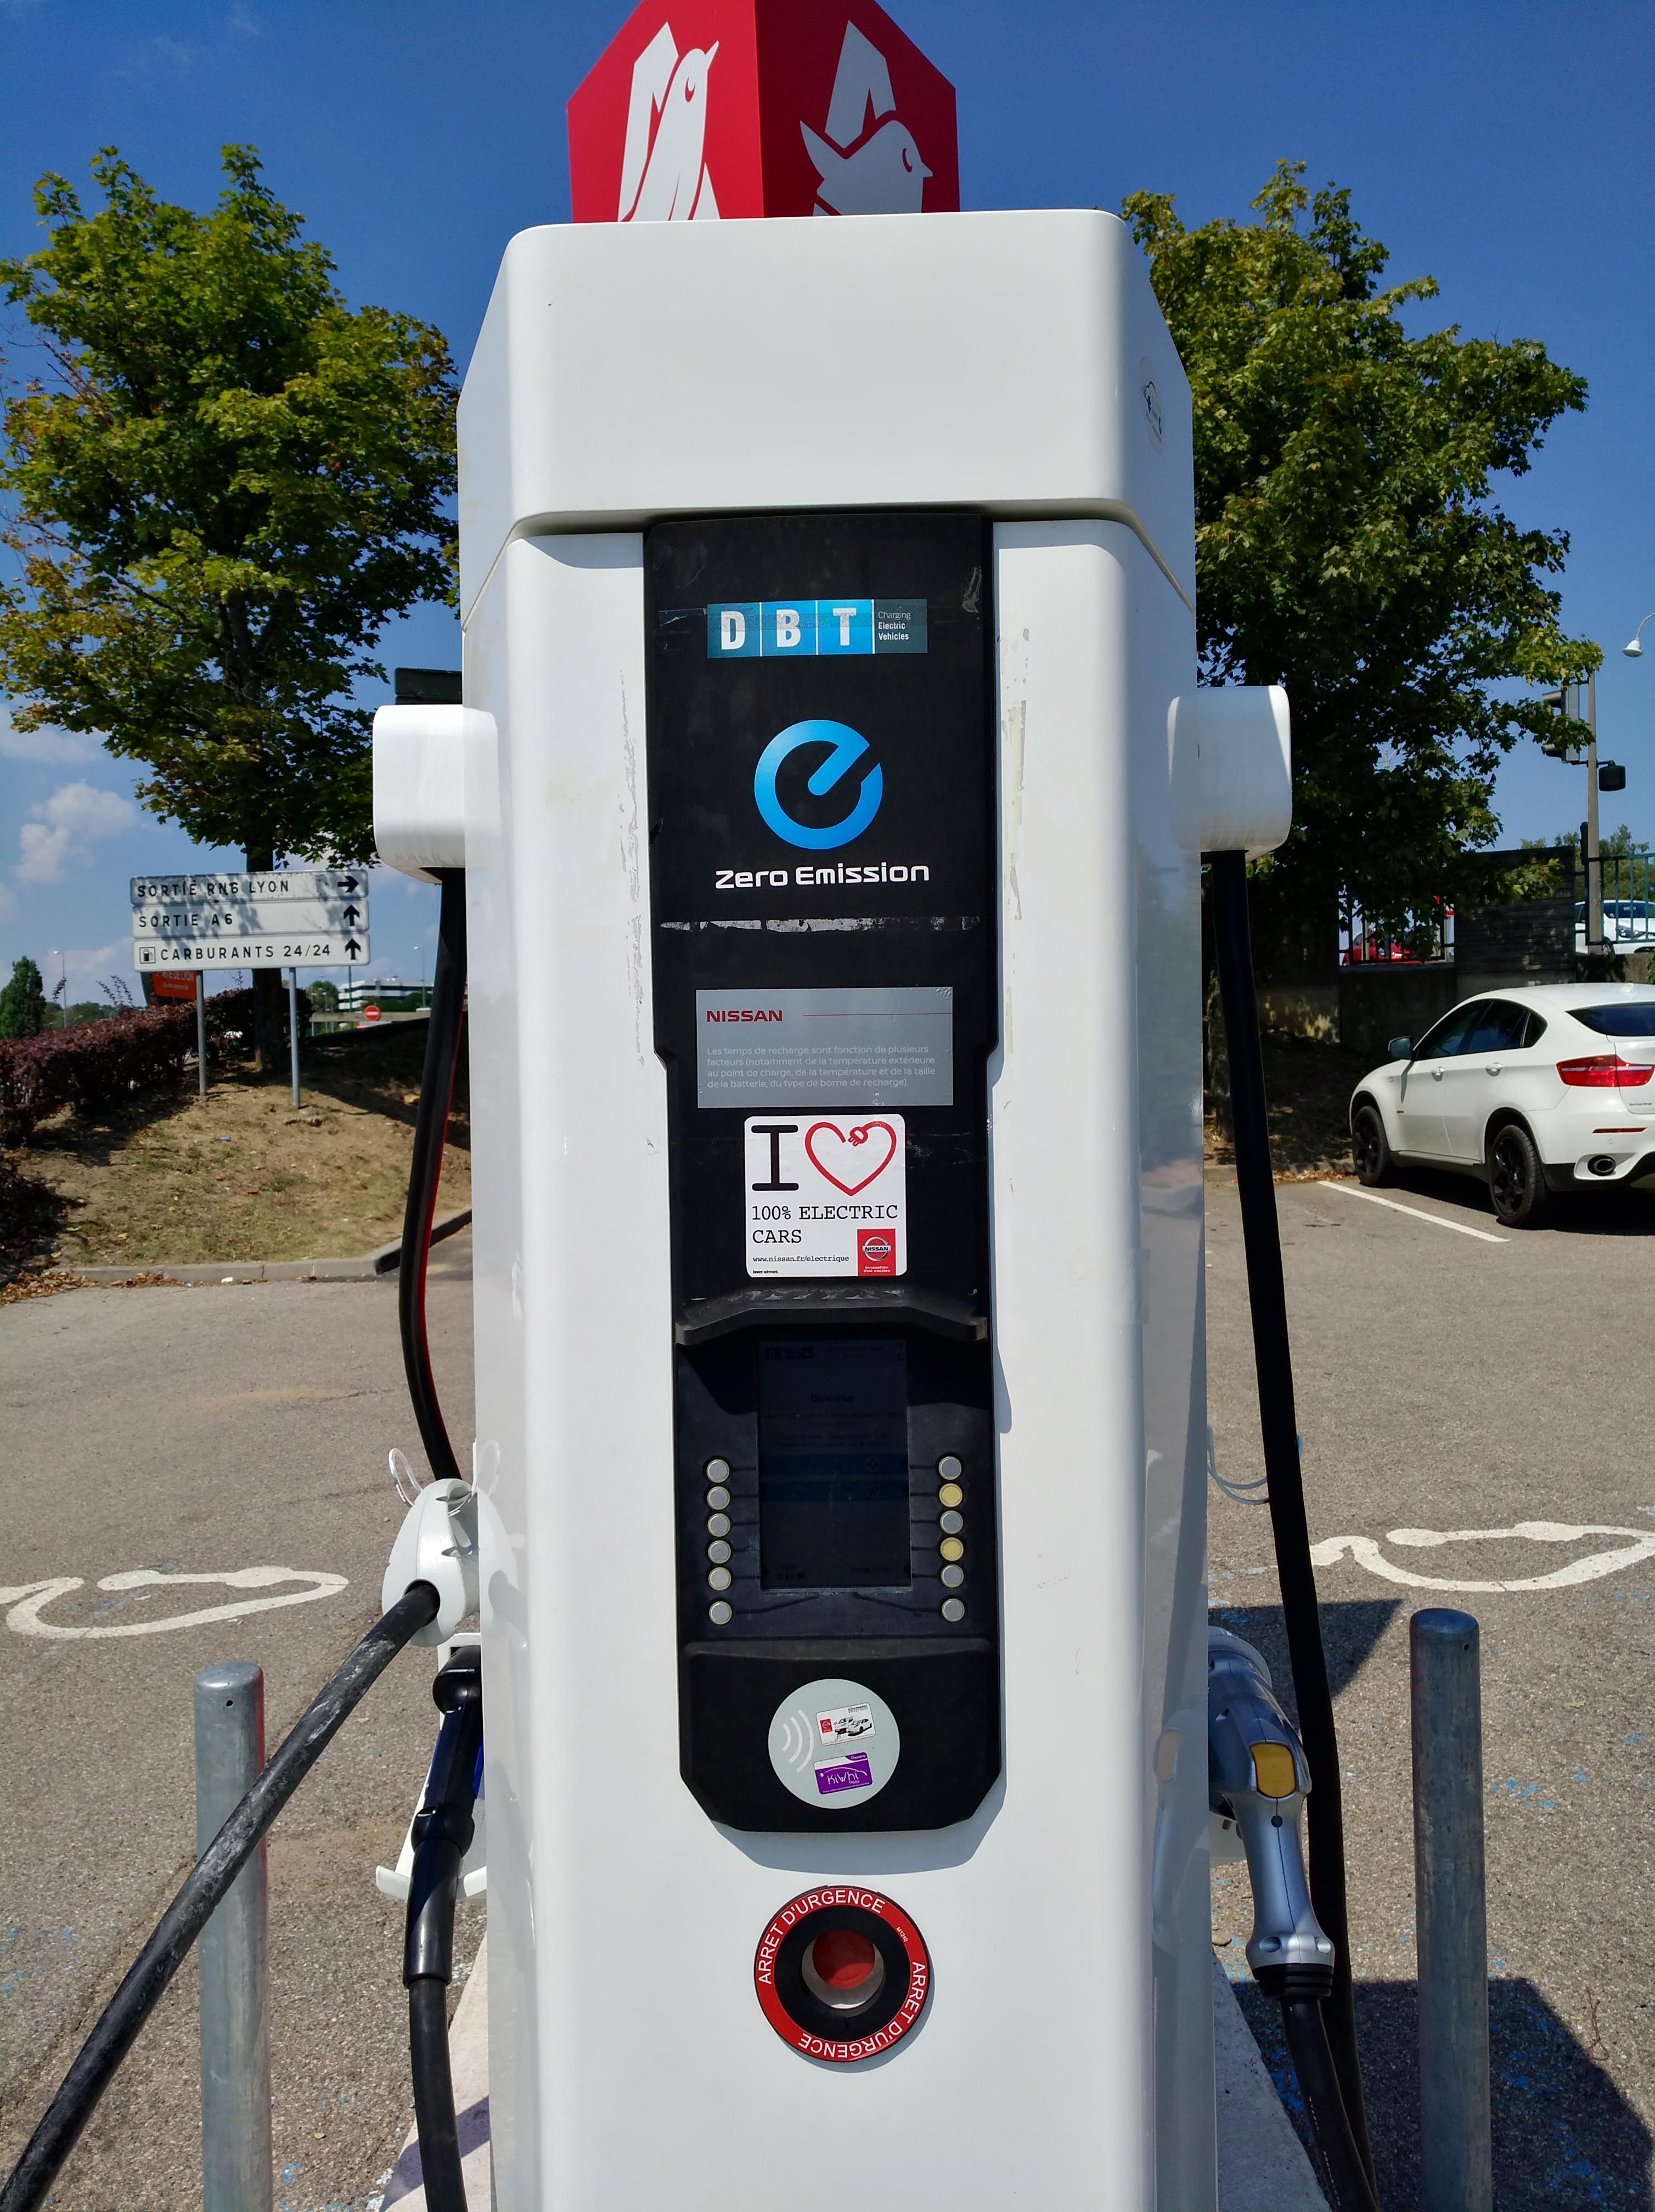 Borne De Recharge >> File Centre Commercial Portes De Lyon Borne Recharge Vehicule